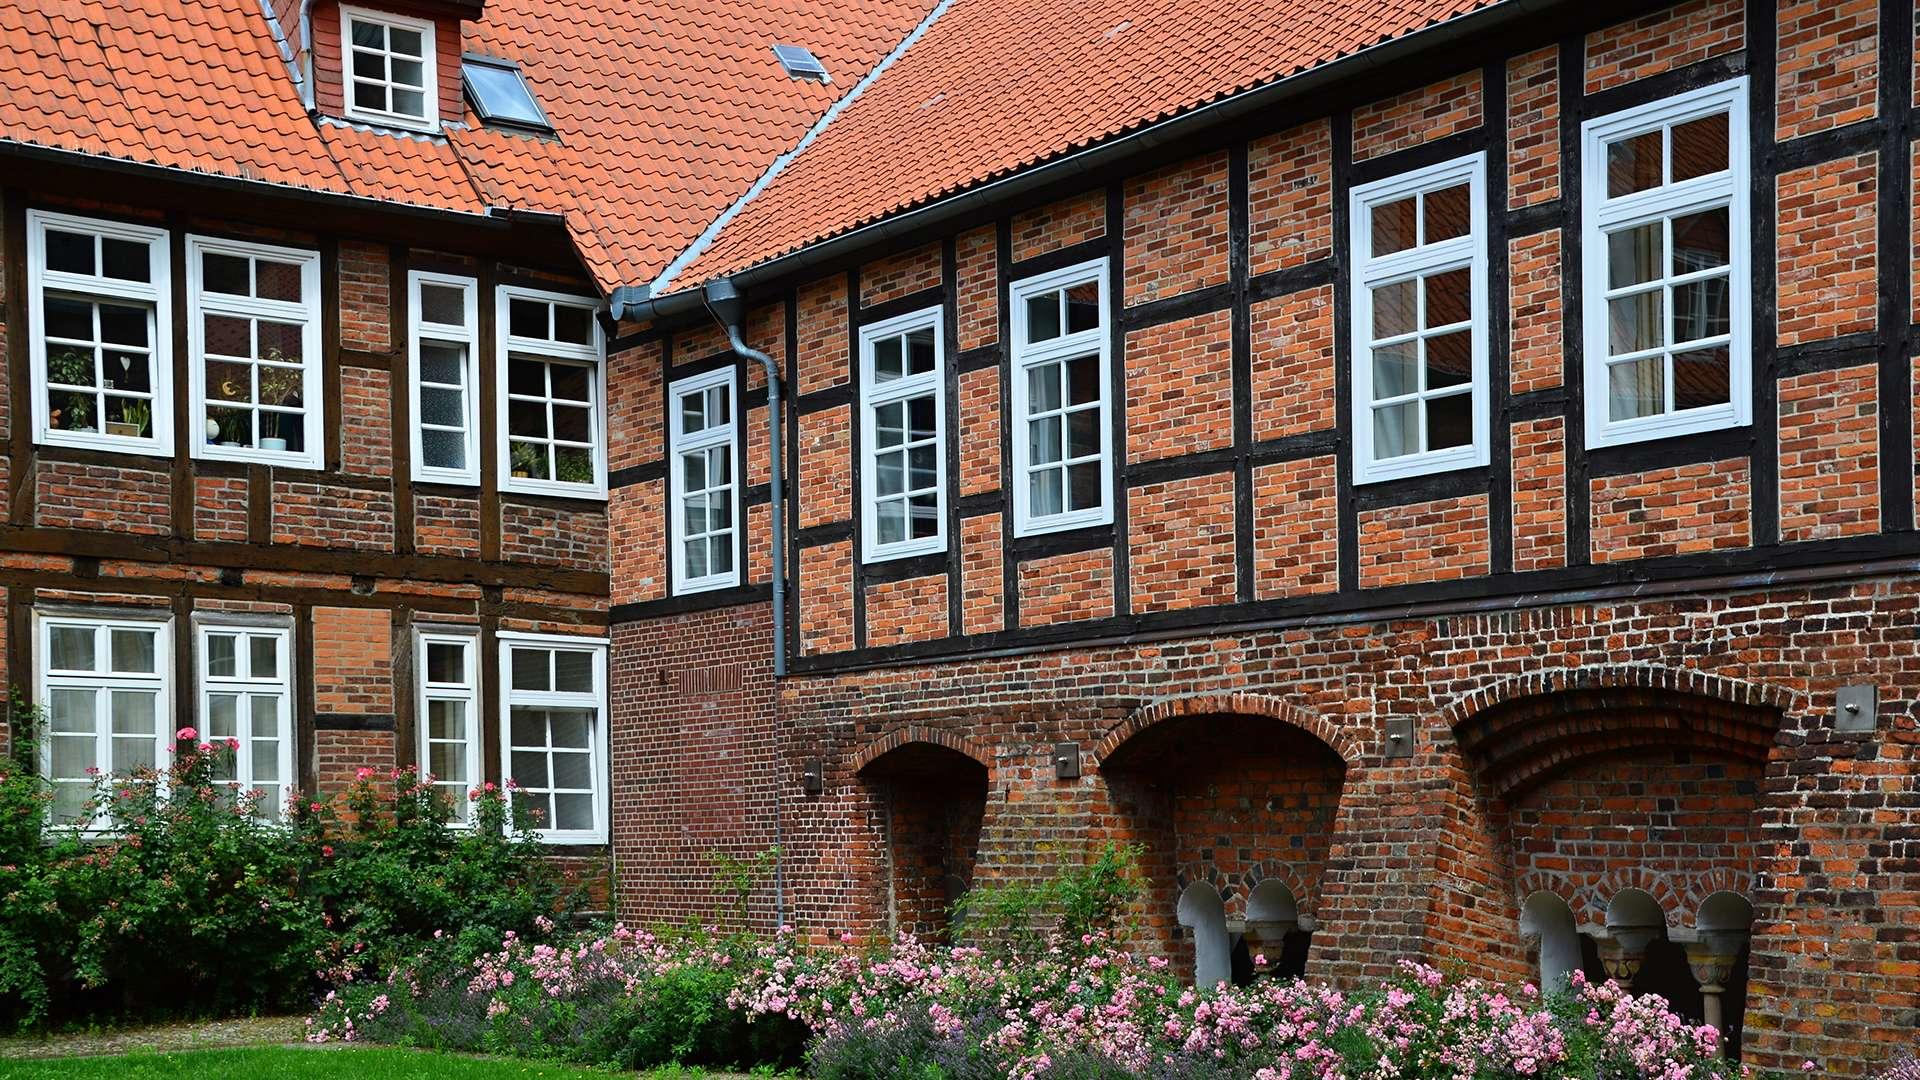 großes Fachwerkhaus mit vielen Fenster in Verden